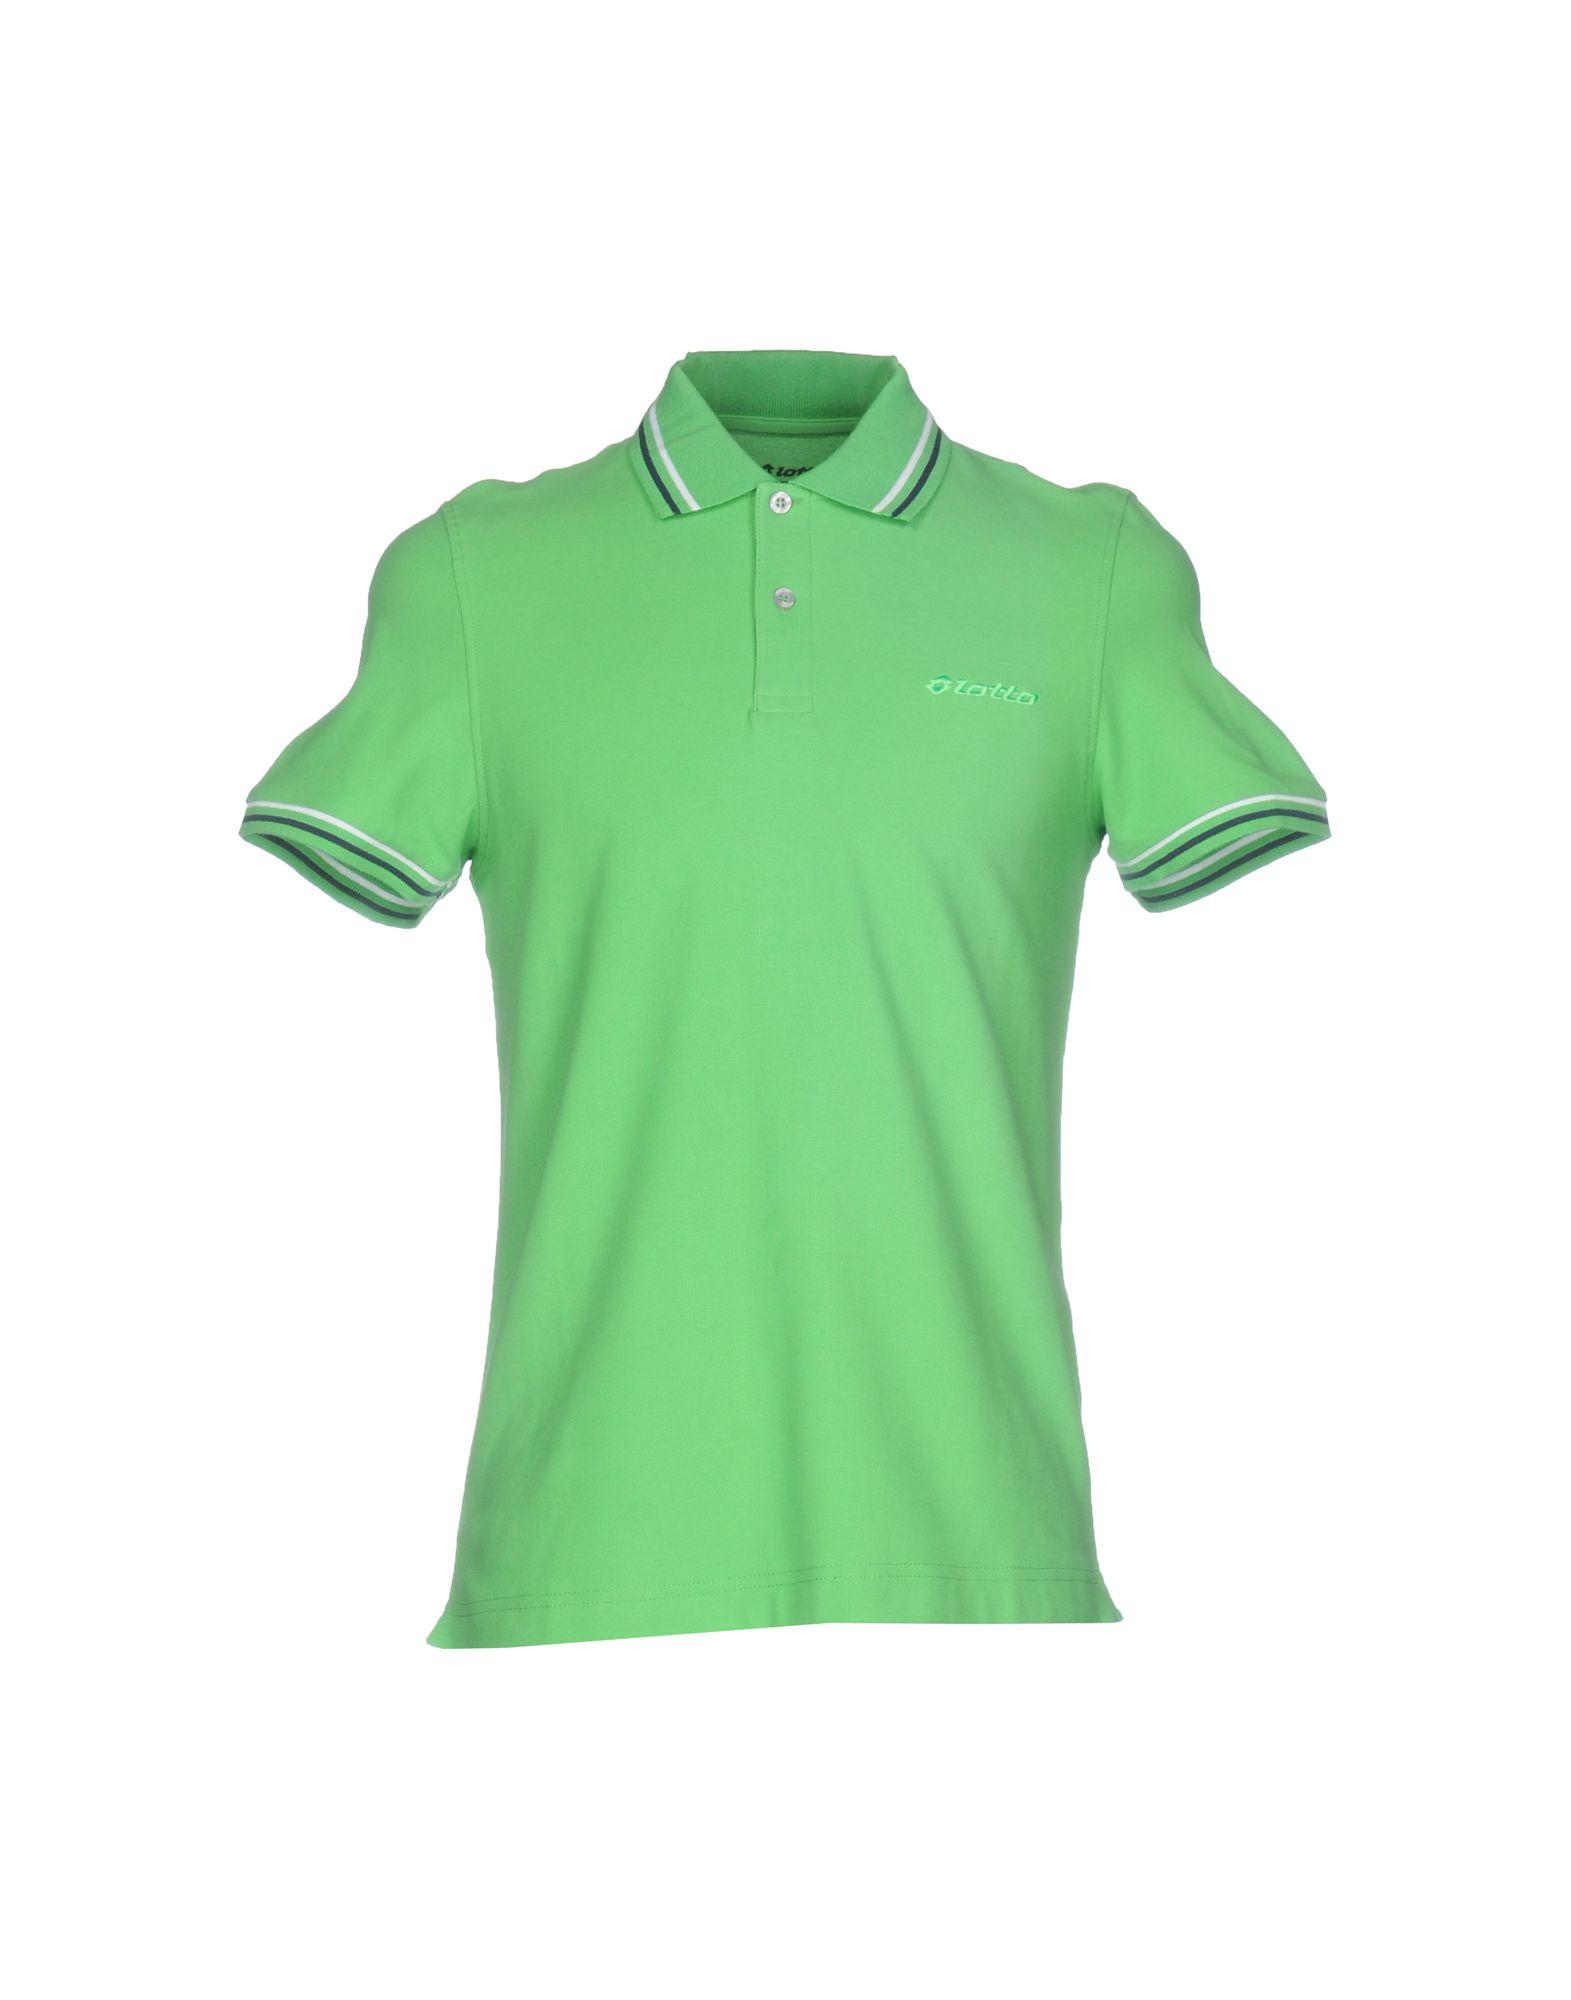 《送料無料》LOTTO メンズ ポロシャツ ライトグリーン S コットン 100%